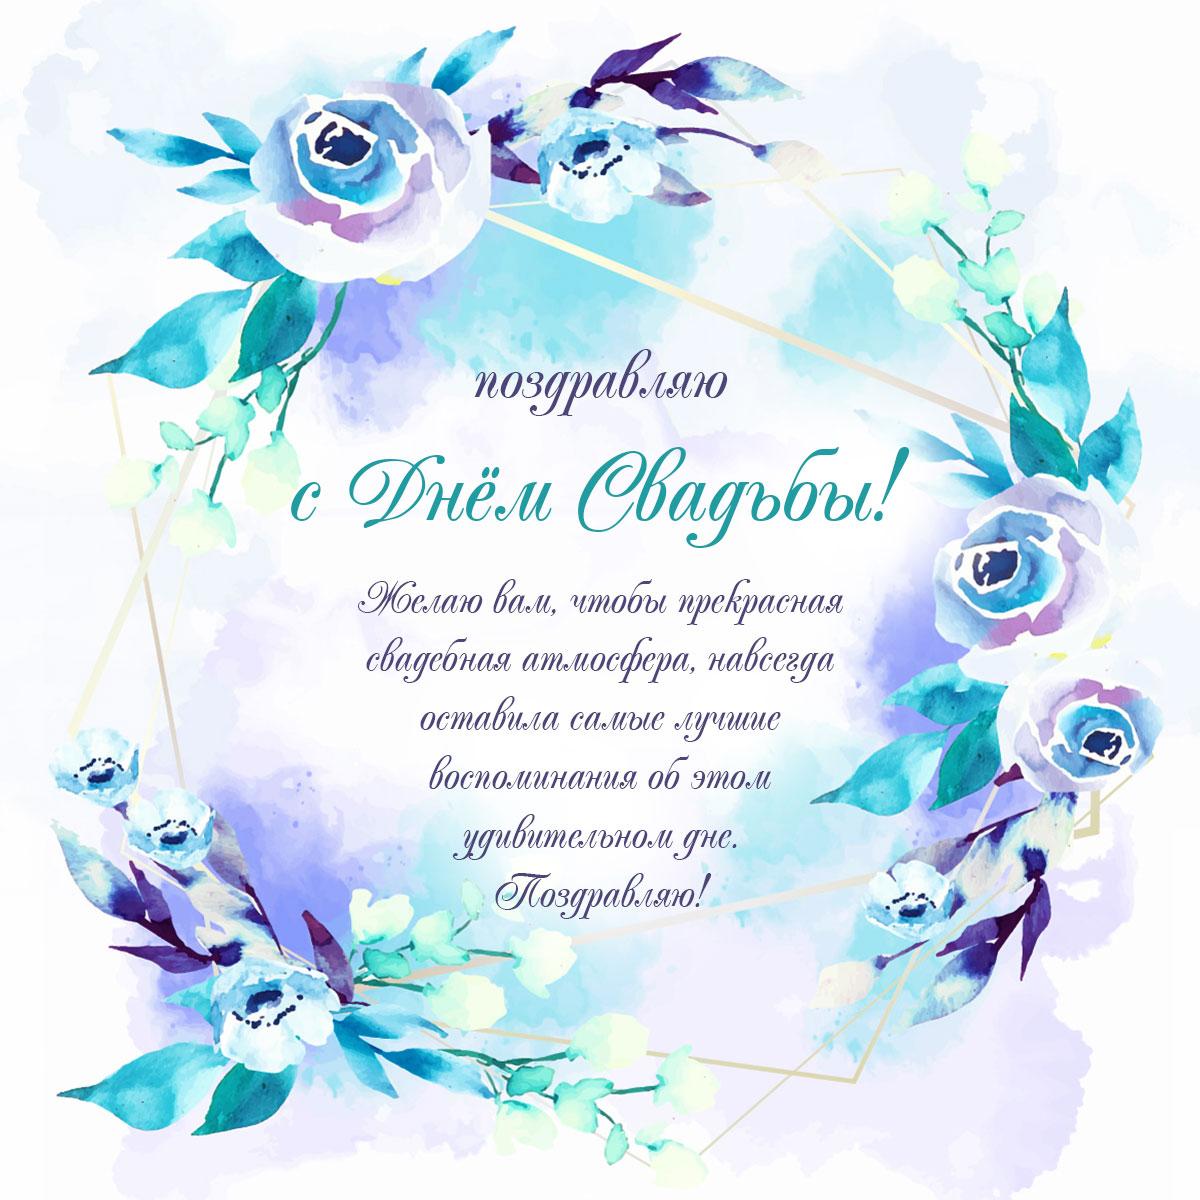 Текст пожелания на акварельном голубом фоне с днем свадьбы.